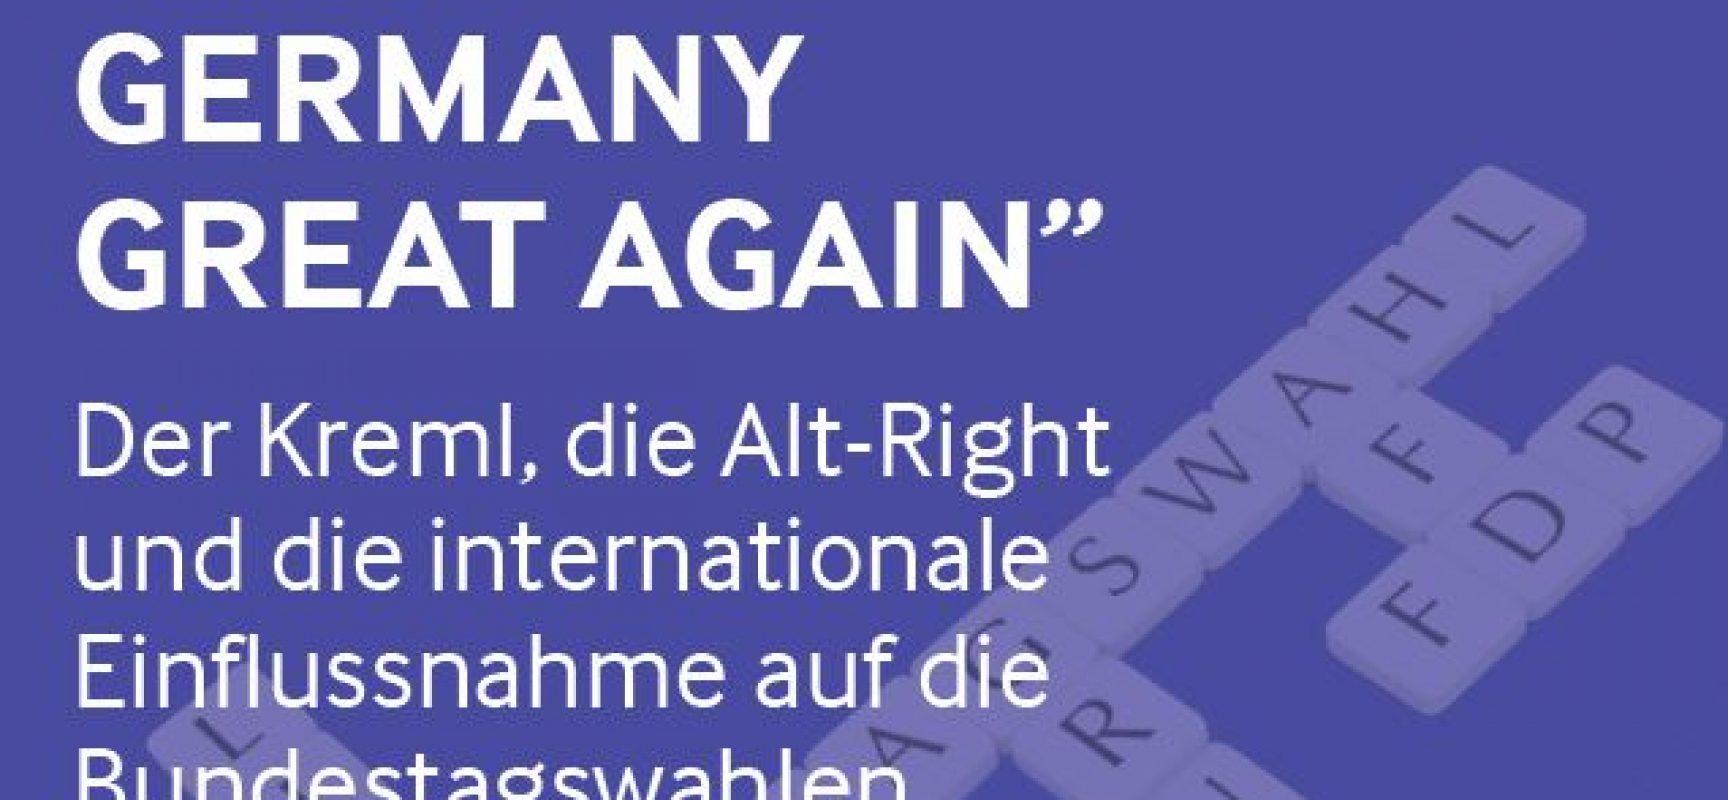 """""""MAKE GERMANY GREAT AGAIN"""" – Der Kreml, die Alt-Right und die internationale Einflussnahme auf die Bundestagswahlen 2017"""